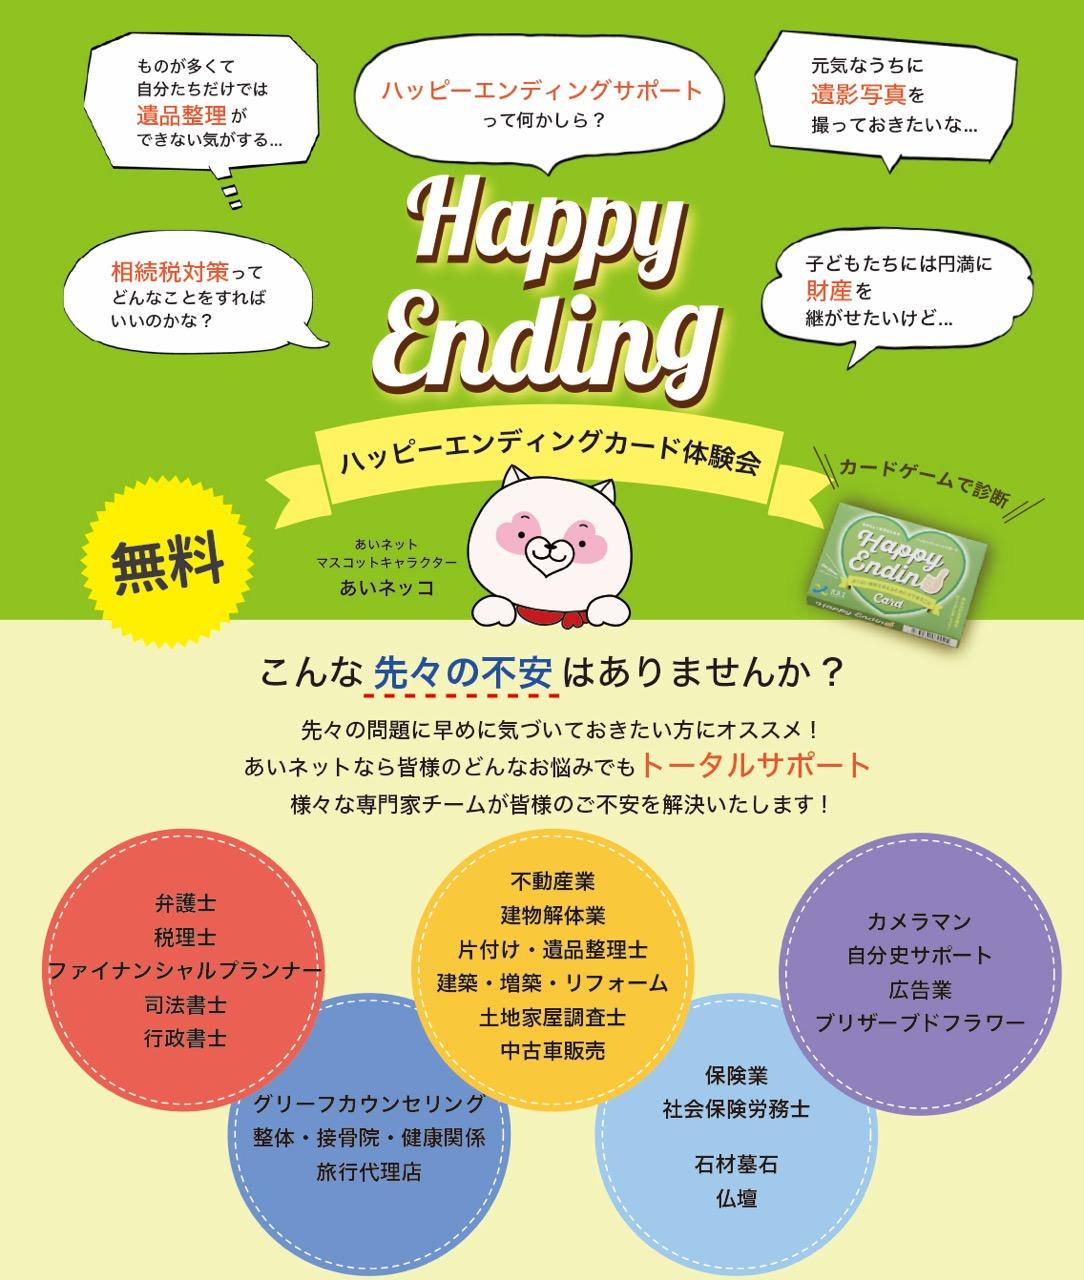 【終活前の準備に最適!】Happy Ending カード